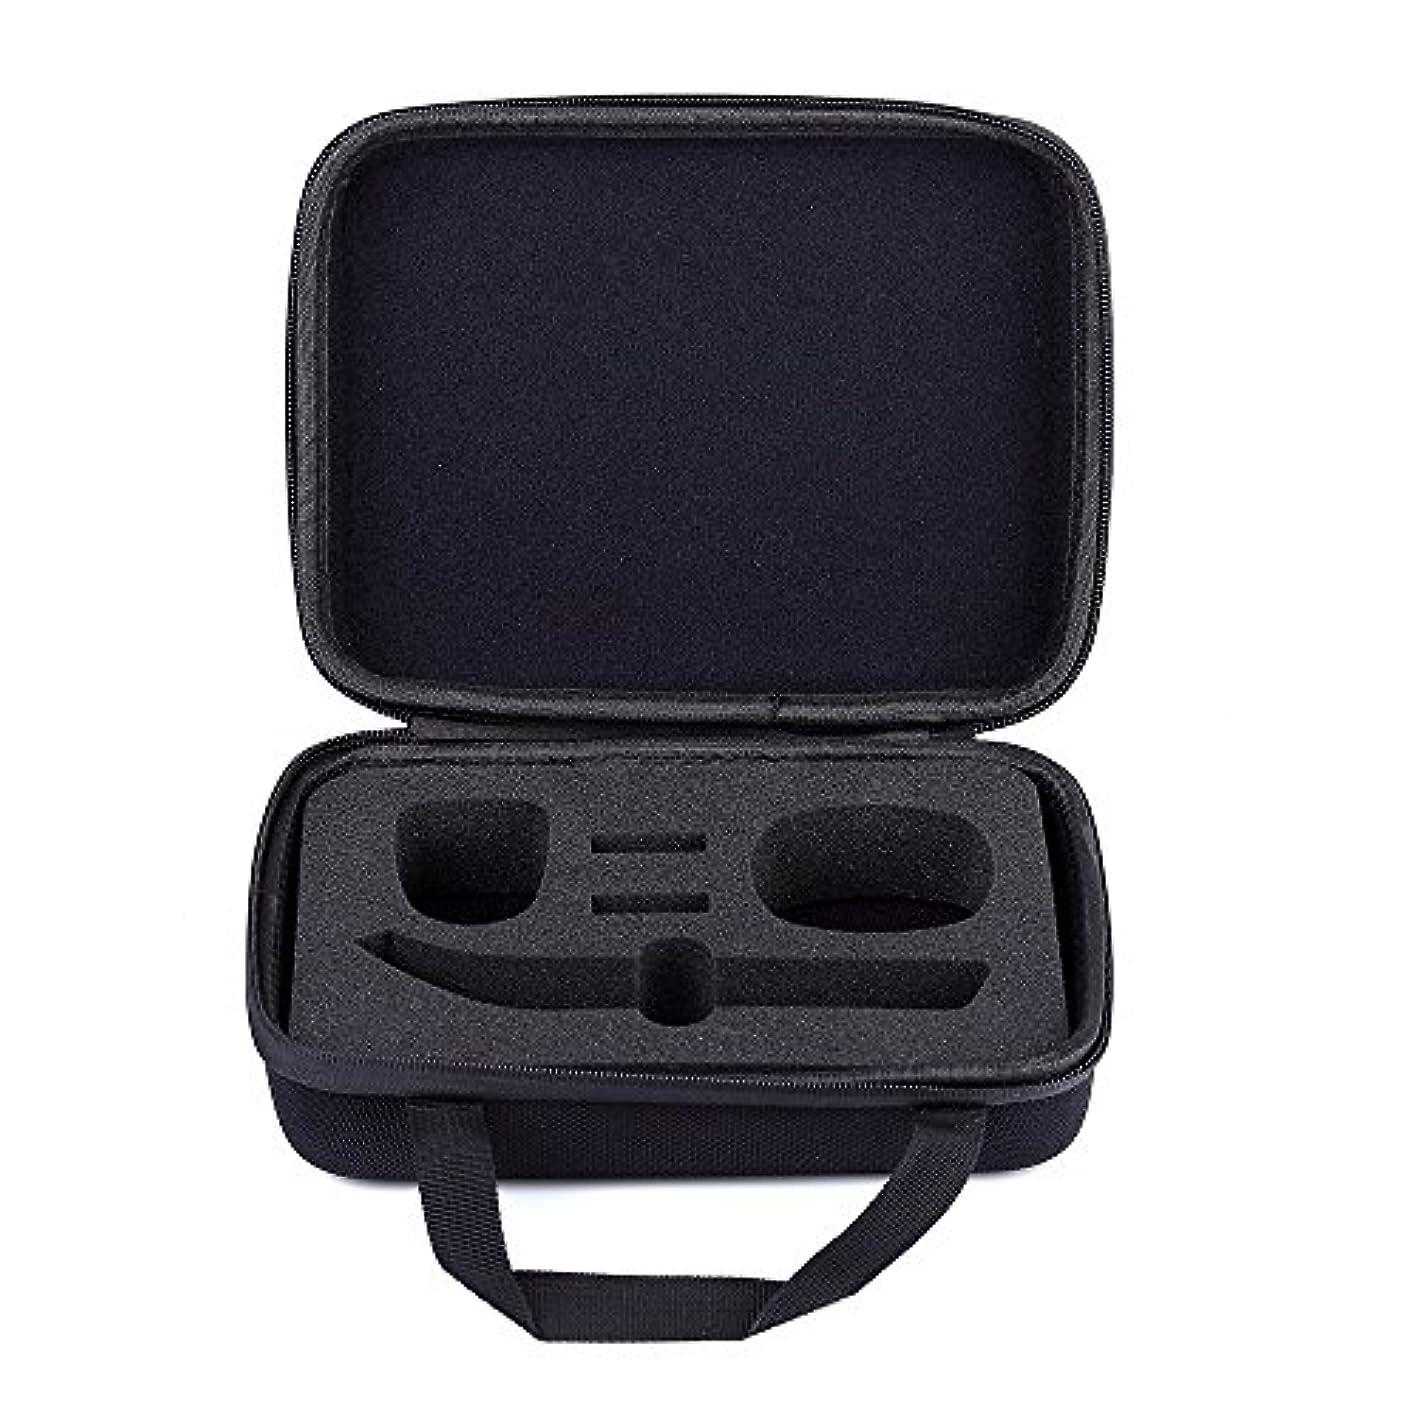 即席配送ハプニングNrpfell トラベルのハードバッグ、携帯用ケース、Norelco Oneblade Pro用、転倒防止、防水、実用的なPhilipsシェーバー用の収納ボックス